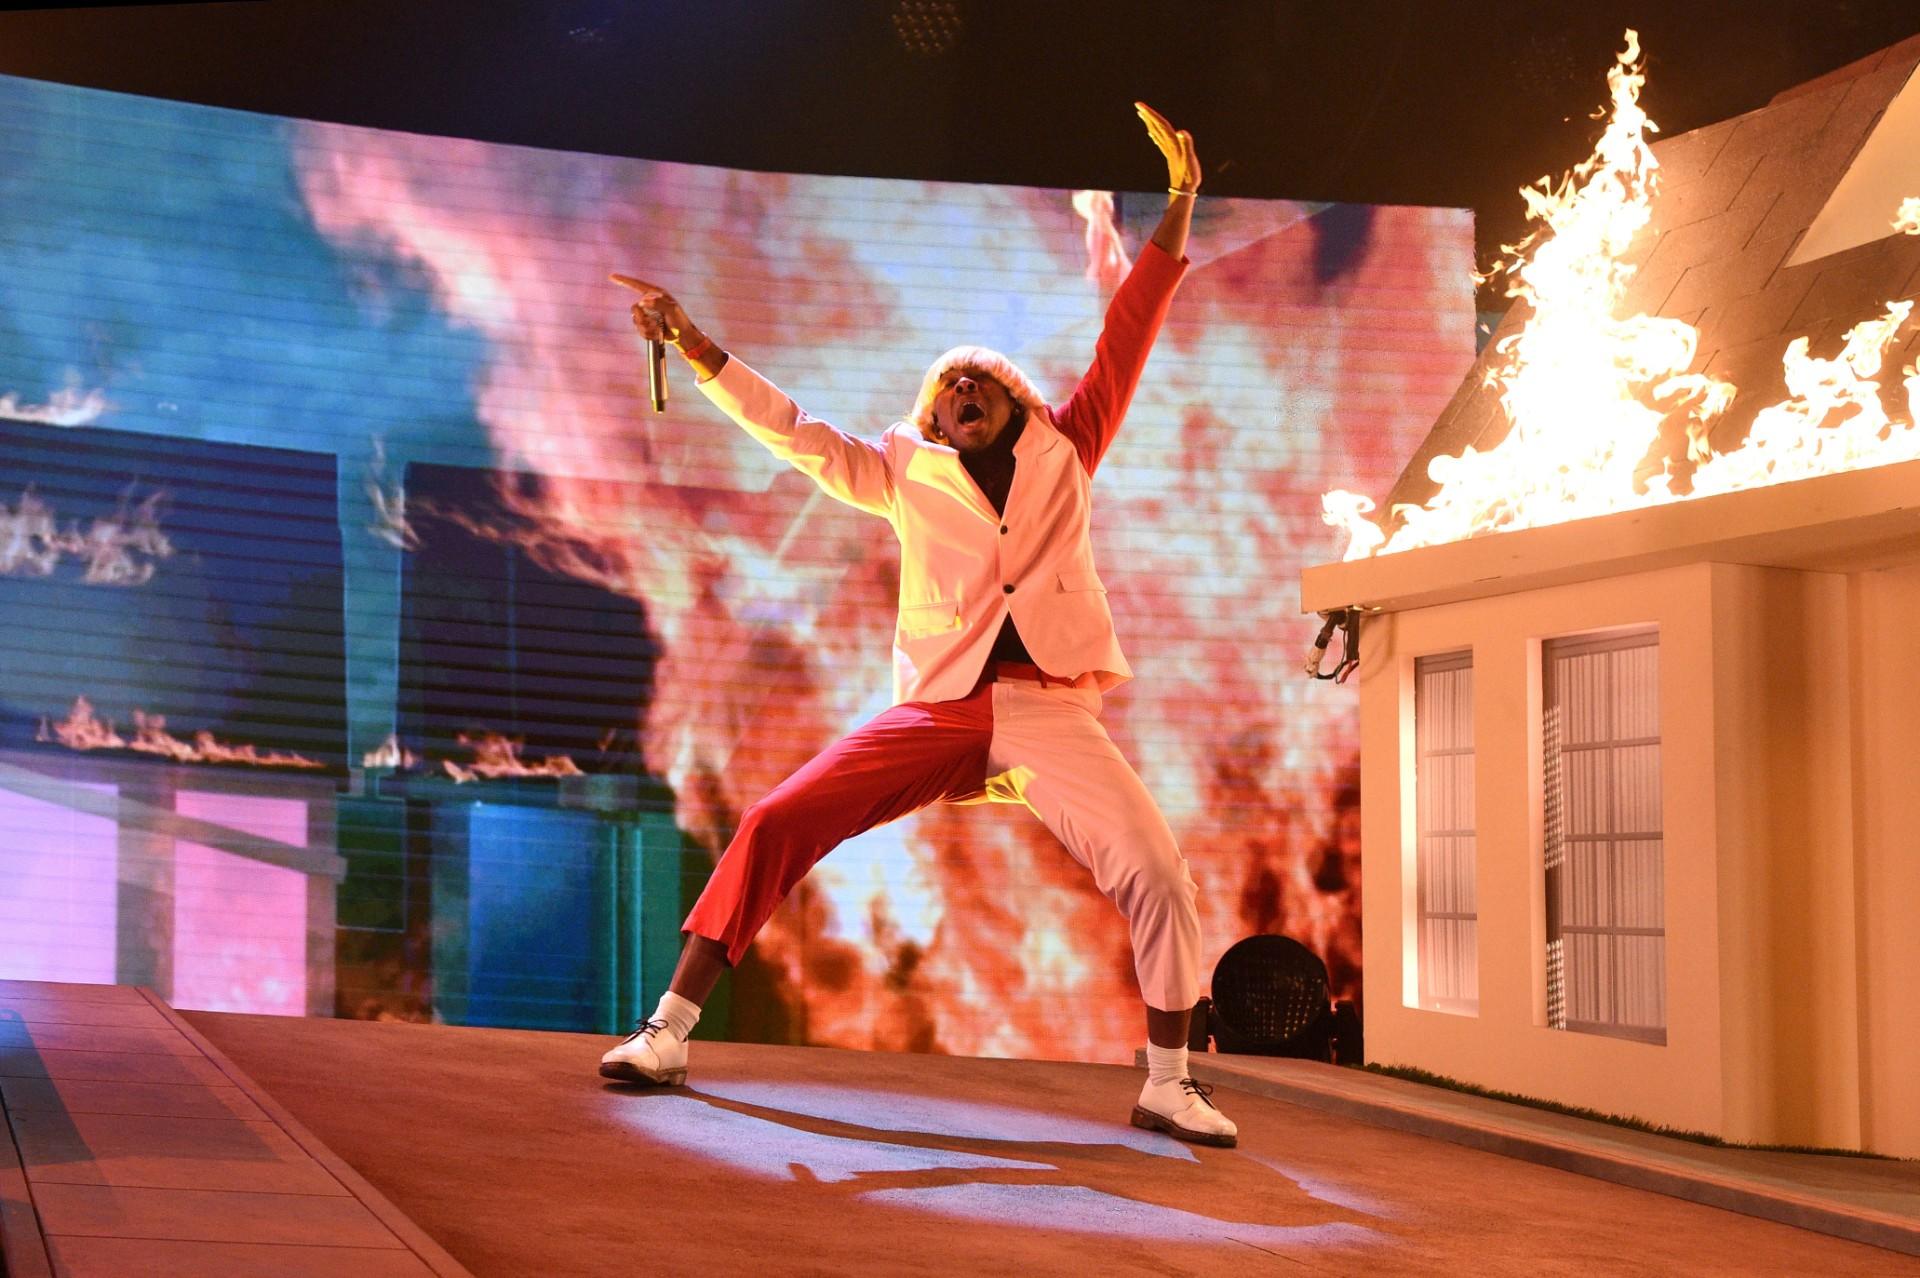 Tyler, the Creator wystąpił naGrammy zBoyz II Men iprawie spalił cały budynek